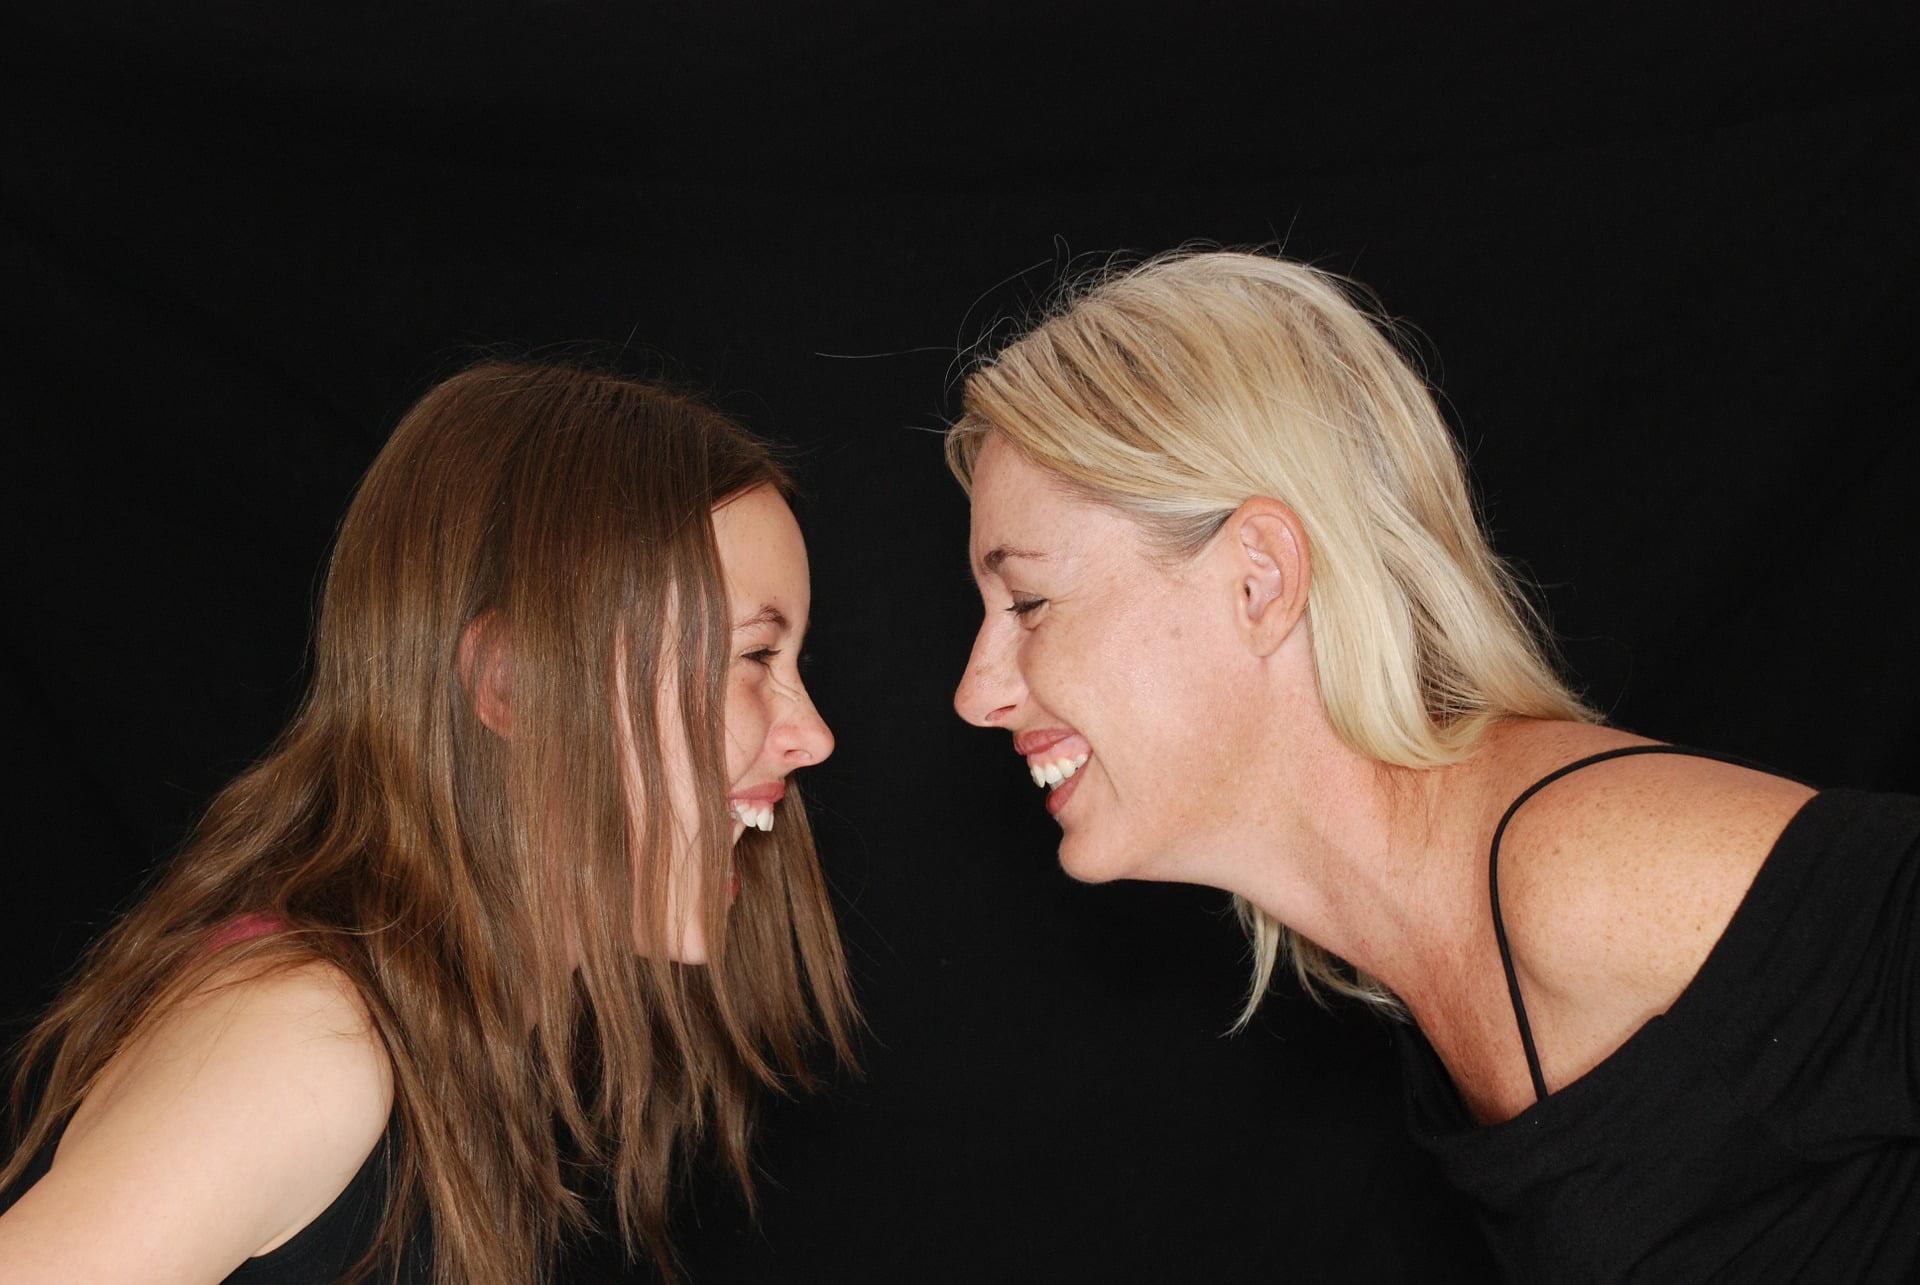 În general – pentru că admitem și existența excepțiilor – relația dintre mamă și fiică este una pozitivă